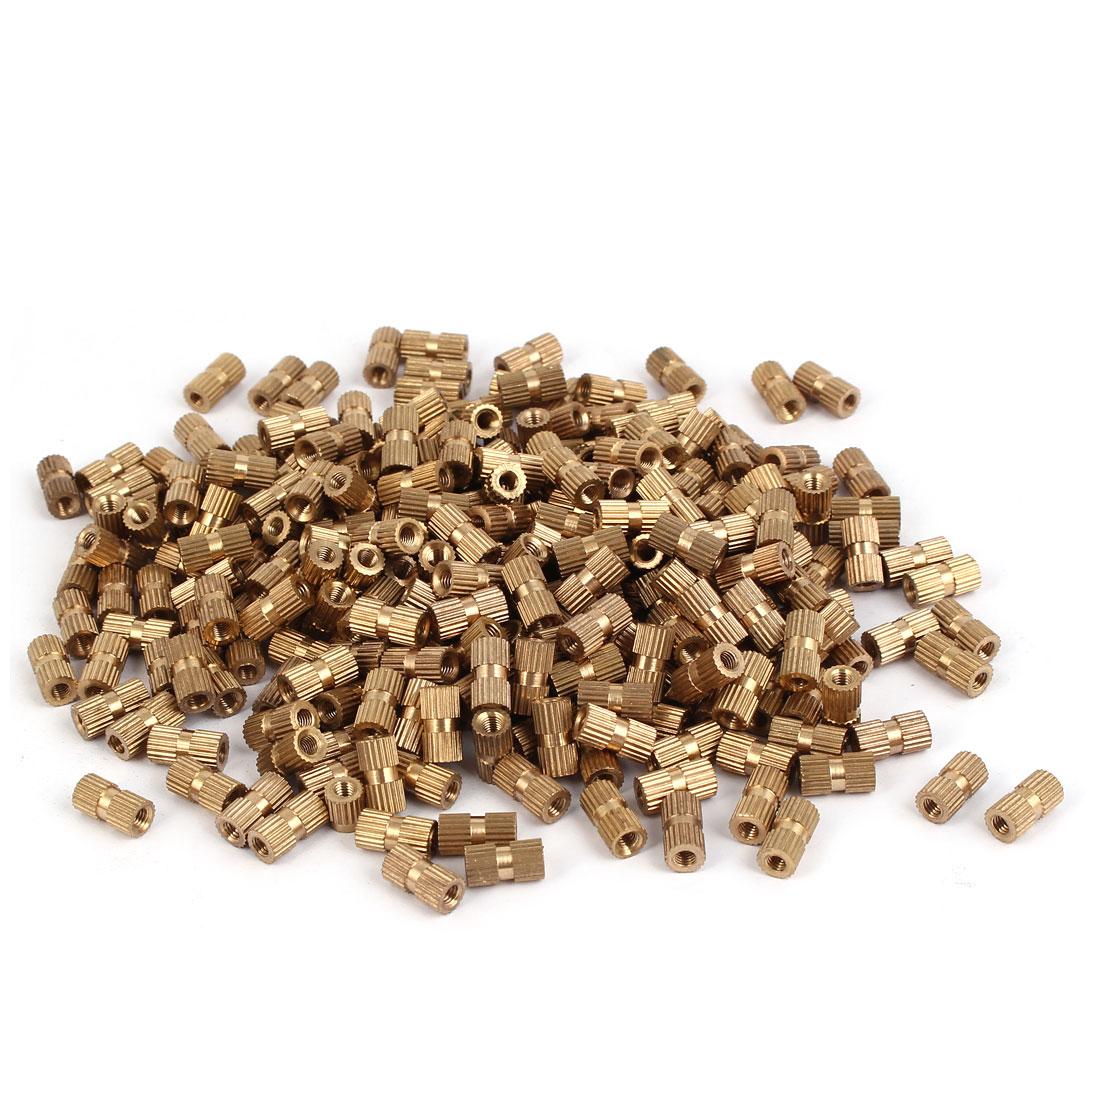 M3 x 10mm Female Thread Brass Knurled Threaded Insert Embedment Nuts 500PCS